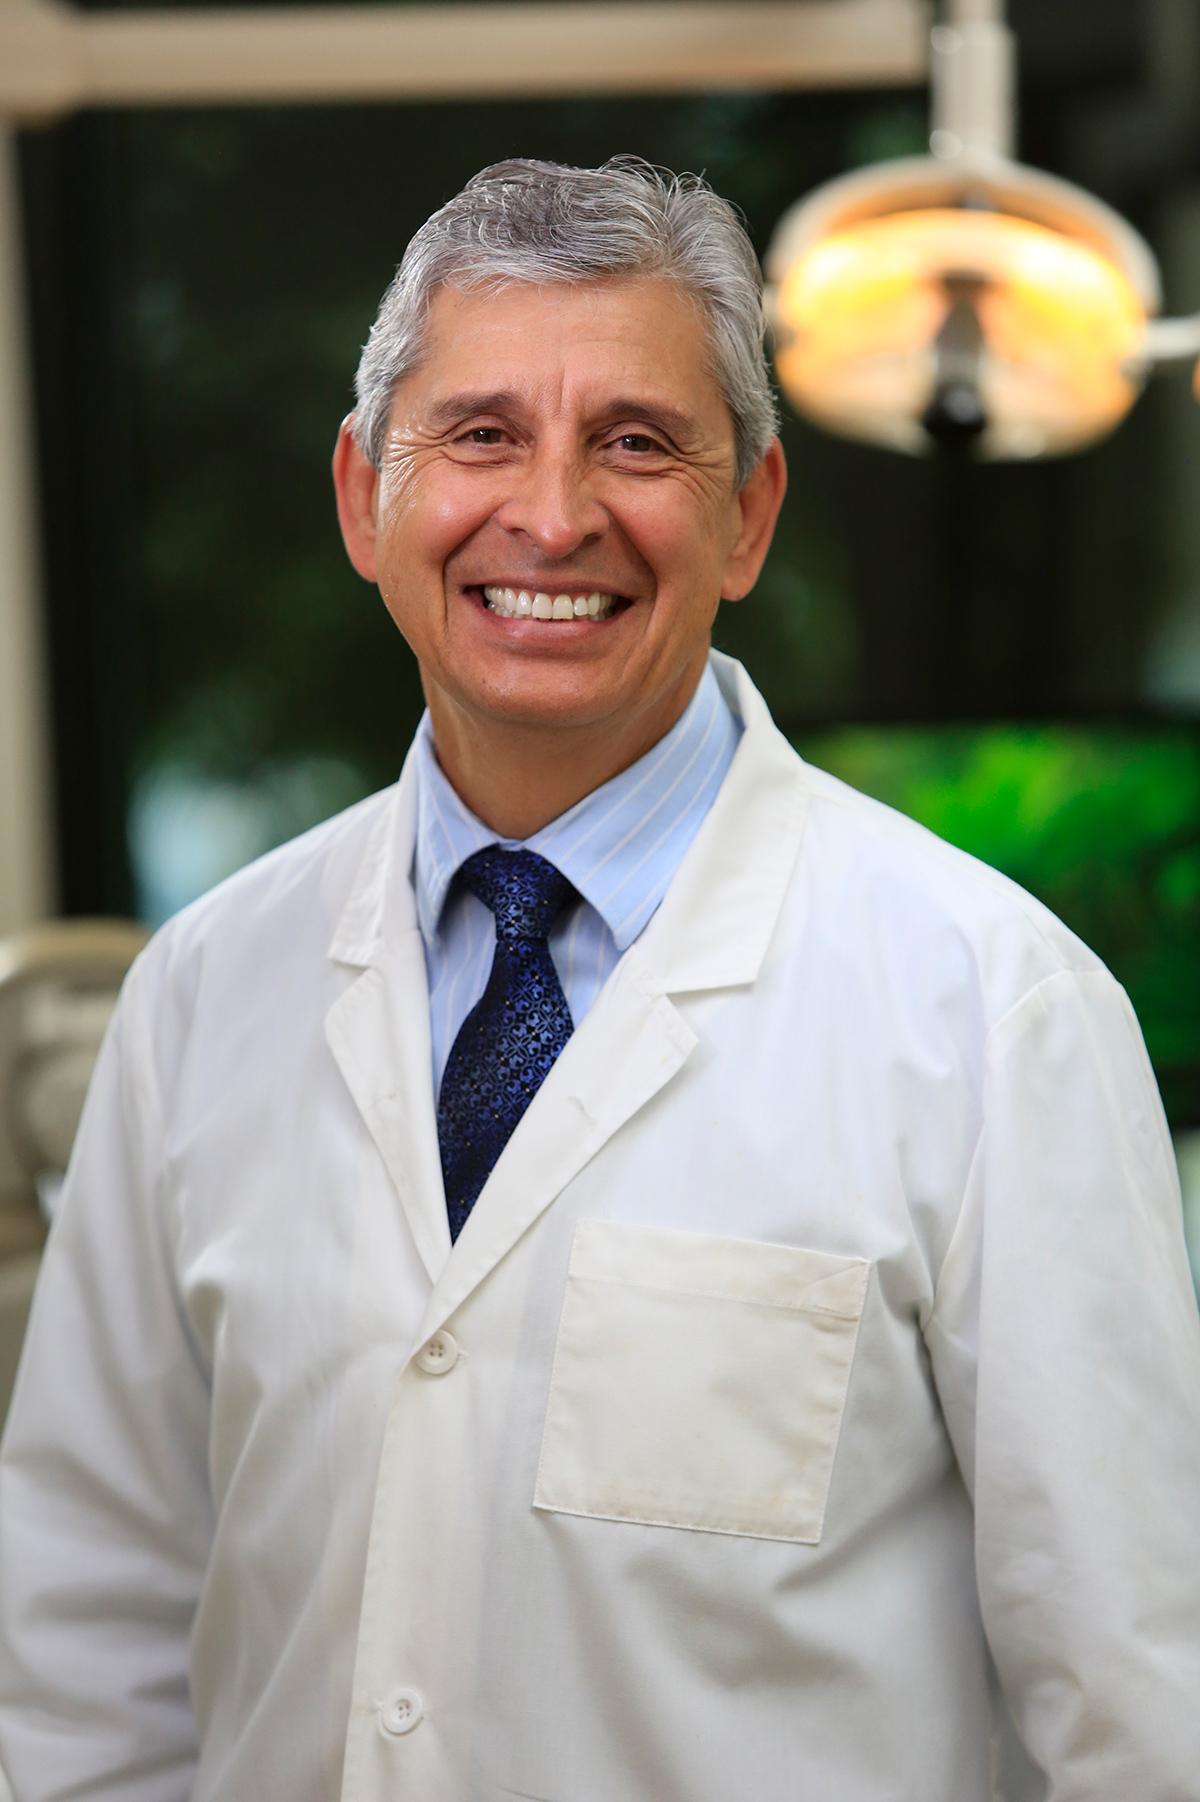 Dr. Antonio Reza